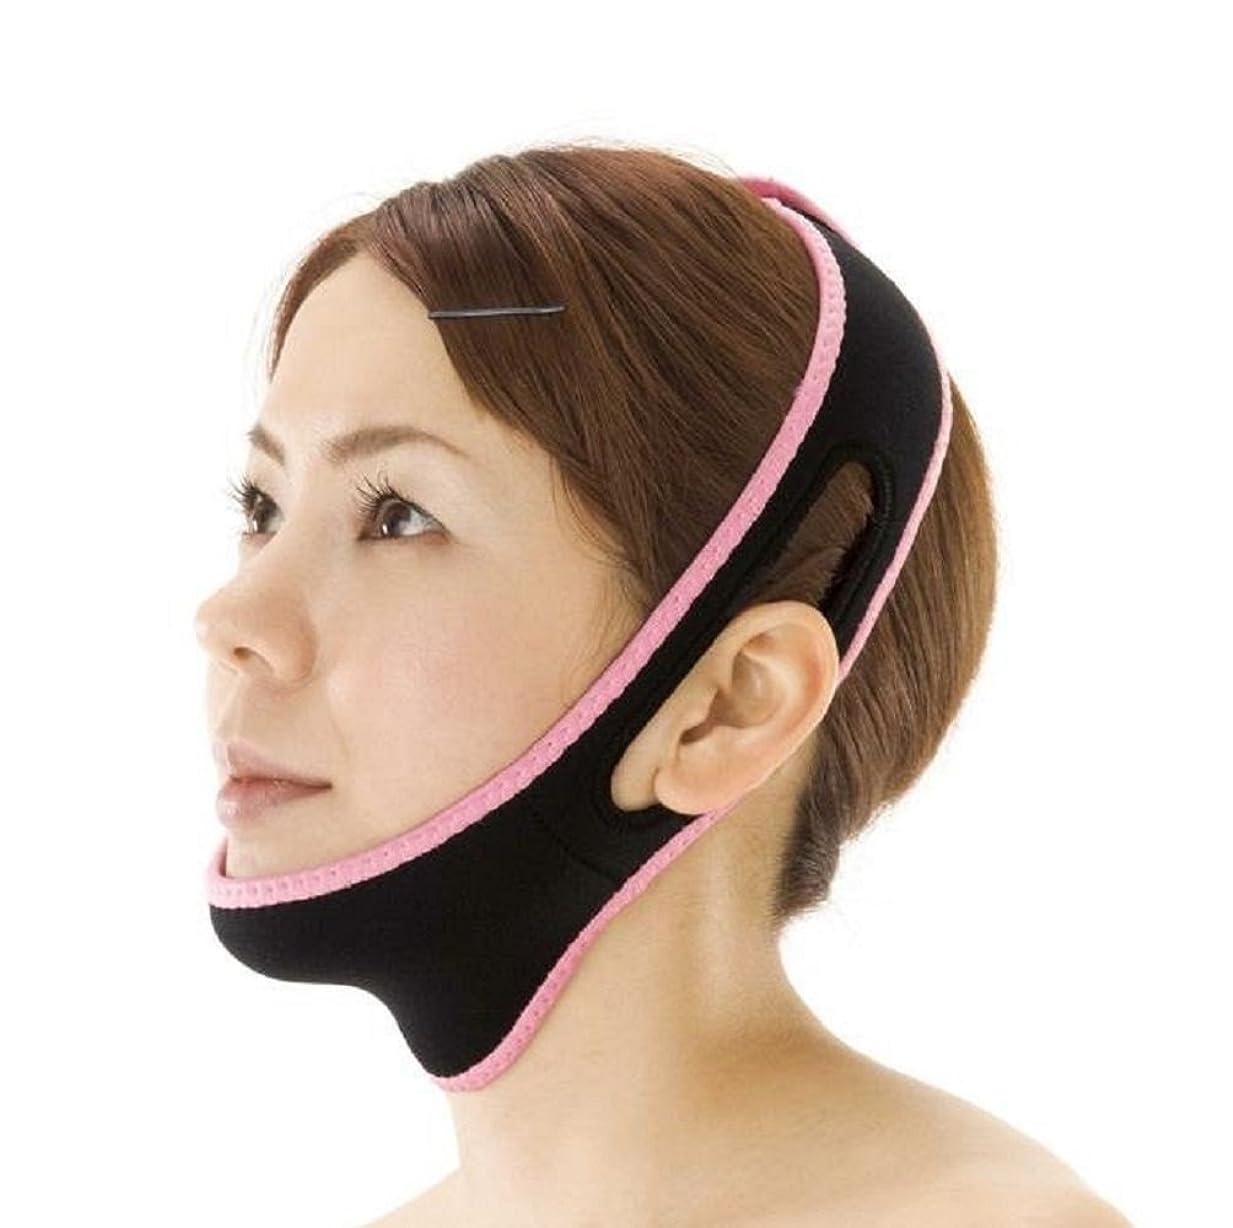 ピアース分析的弱点小顔リフトアップベルト 寝ながら小顔 小顔矯正 ゲルマニウム 男女兼用ベルト いびき対策